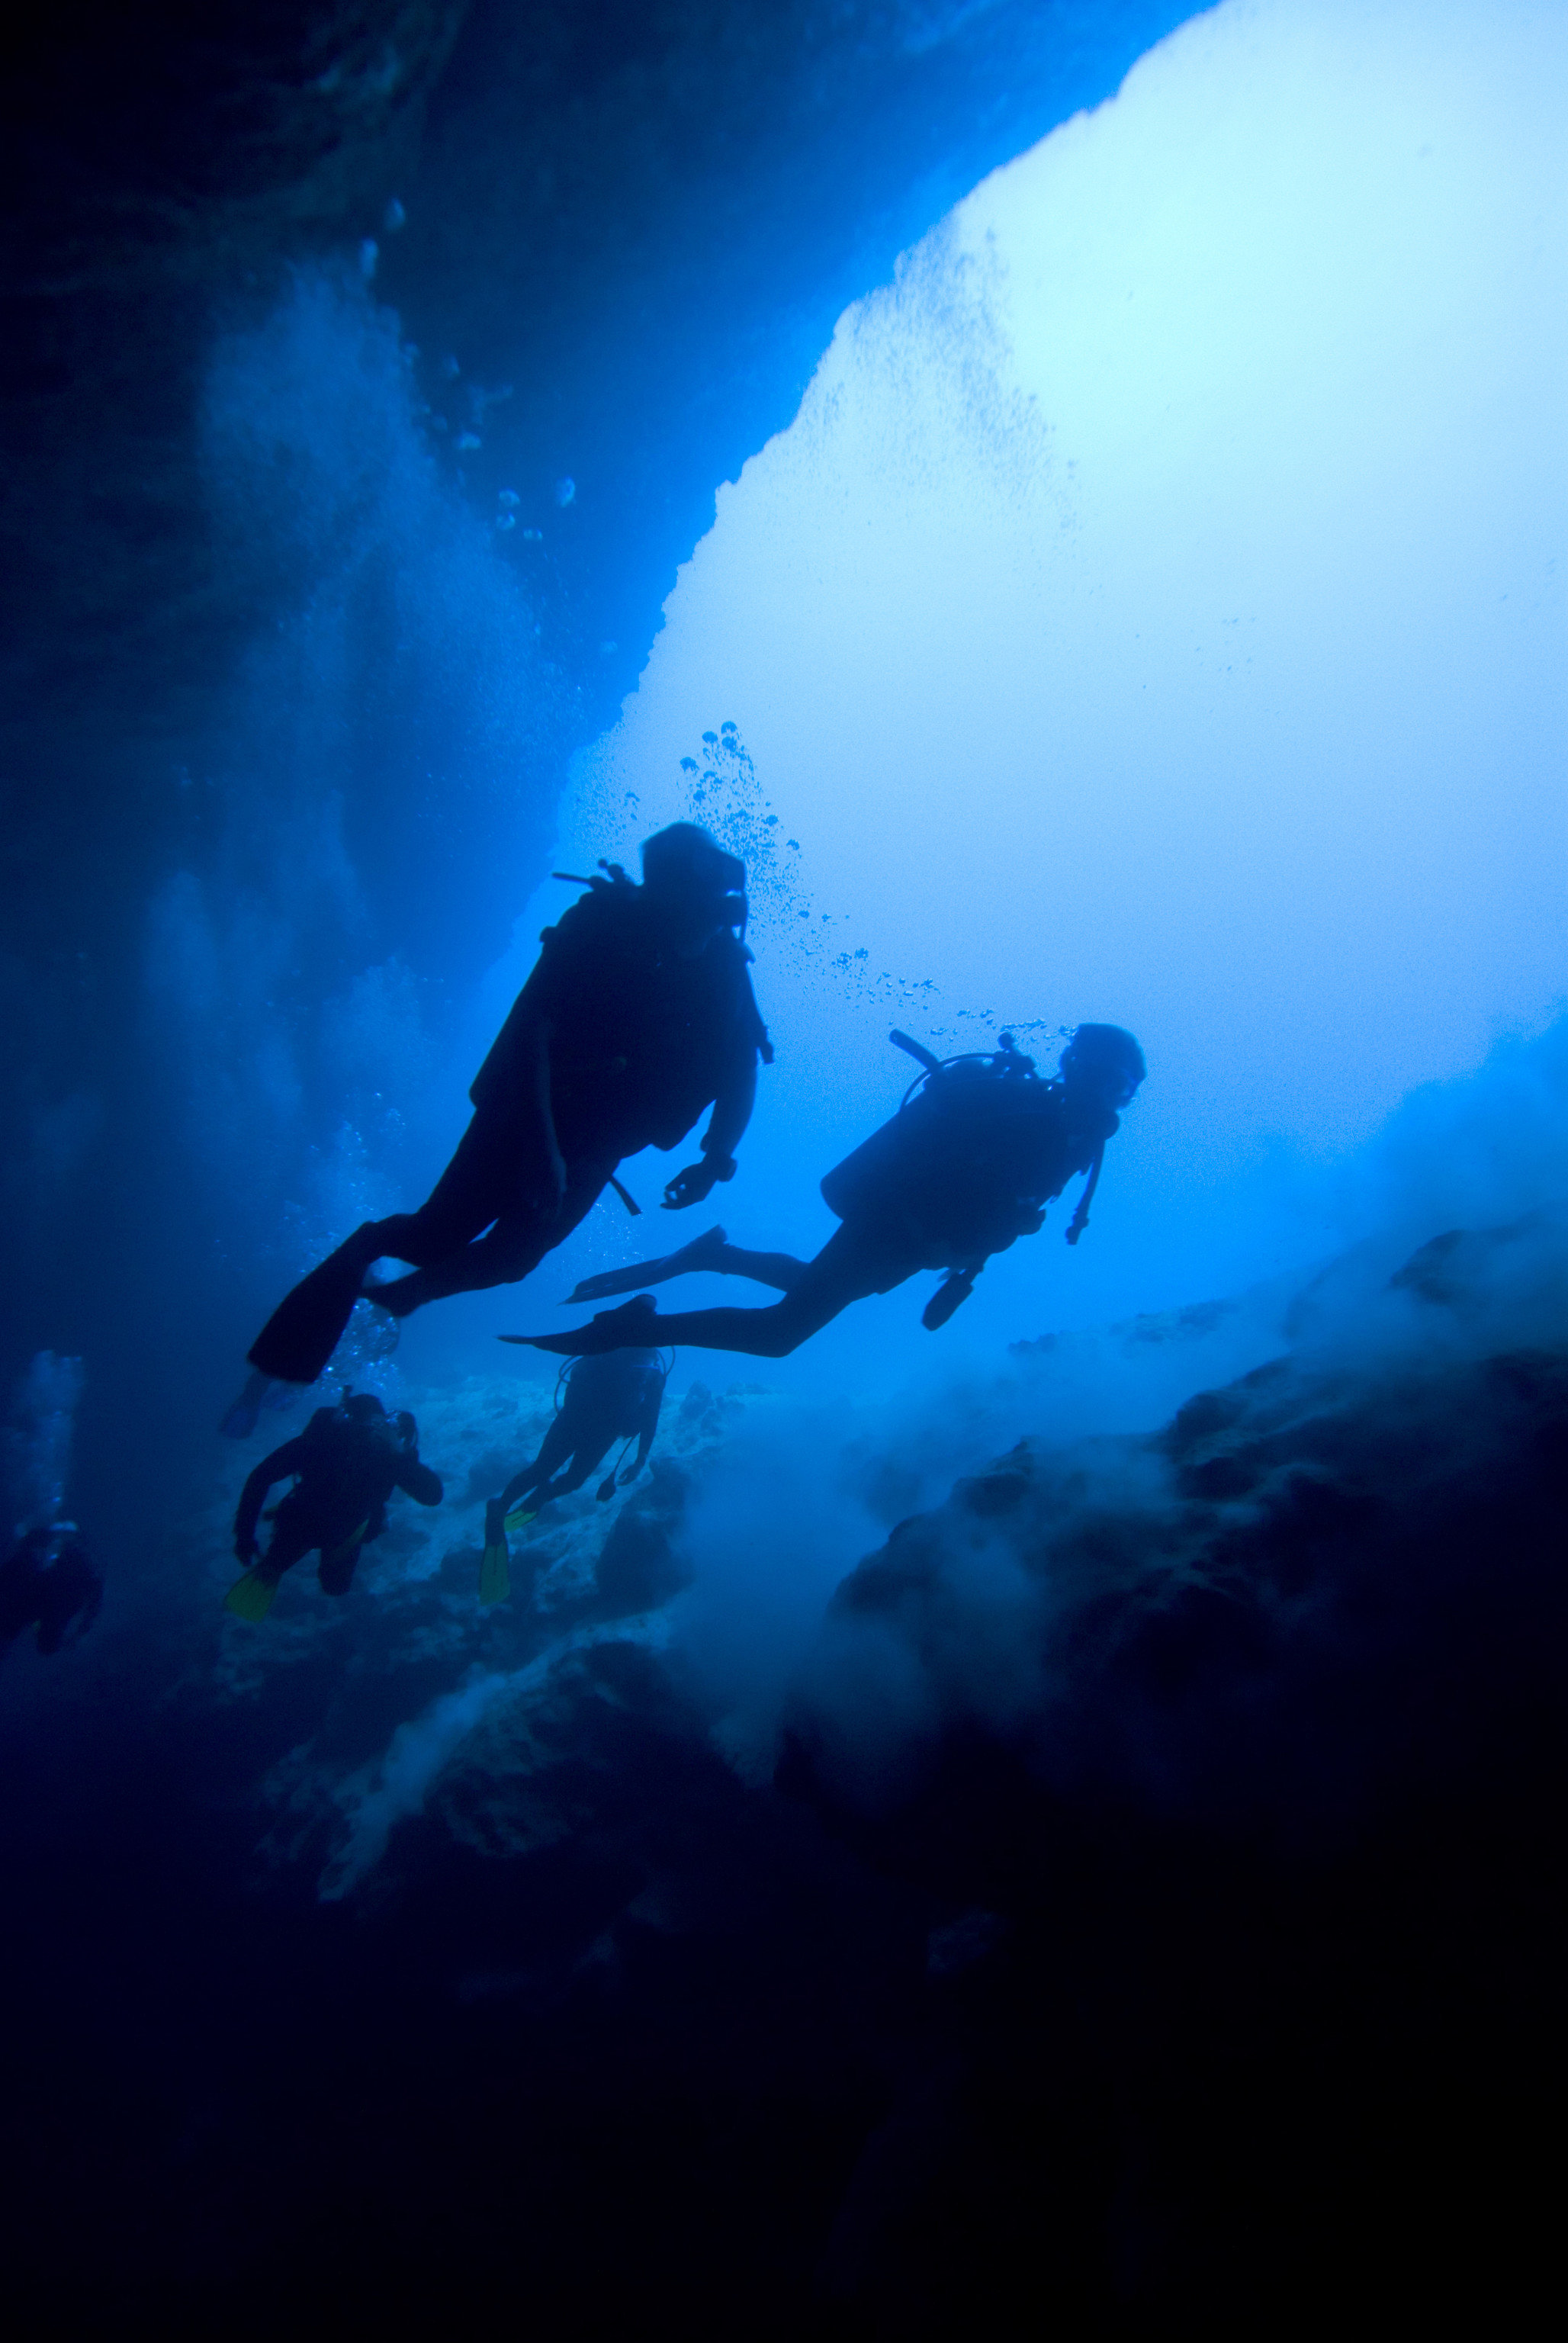 Hotels outdoor blue underwater dark underwater diving freediving diving Sport water sport outdoor recreation sports recreation Scuba Diving clouds ocean floor